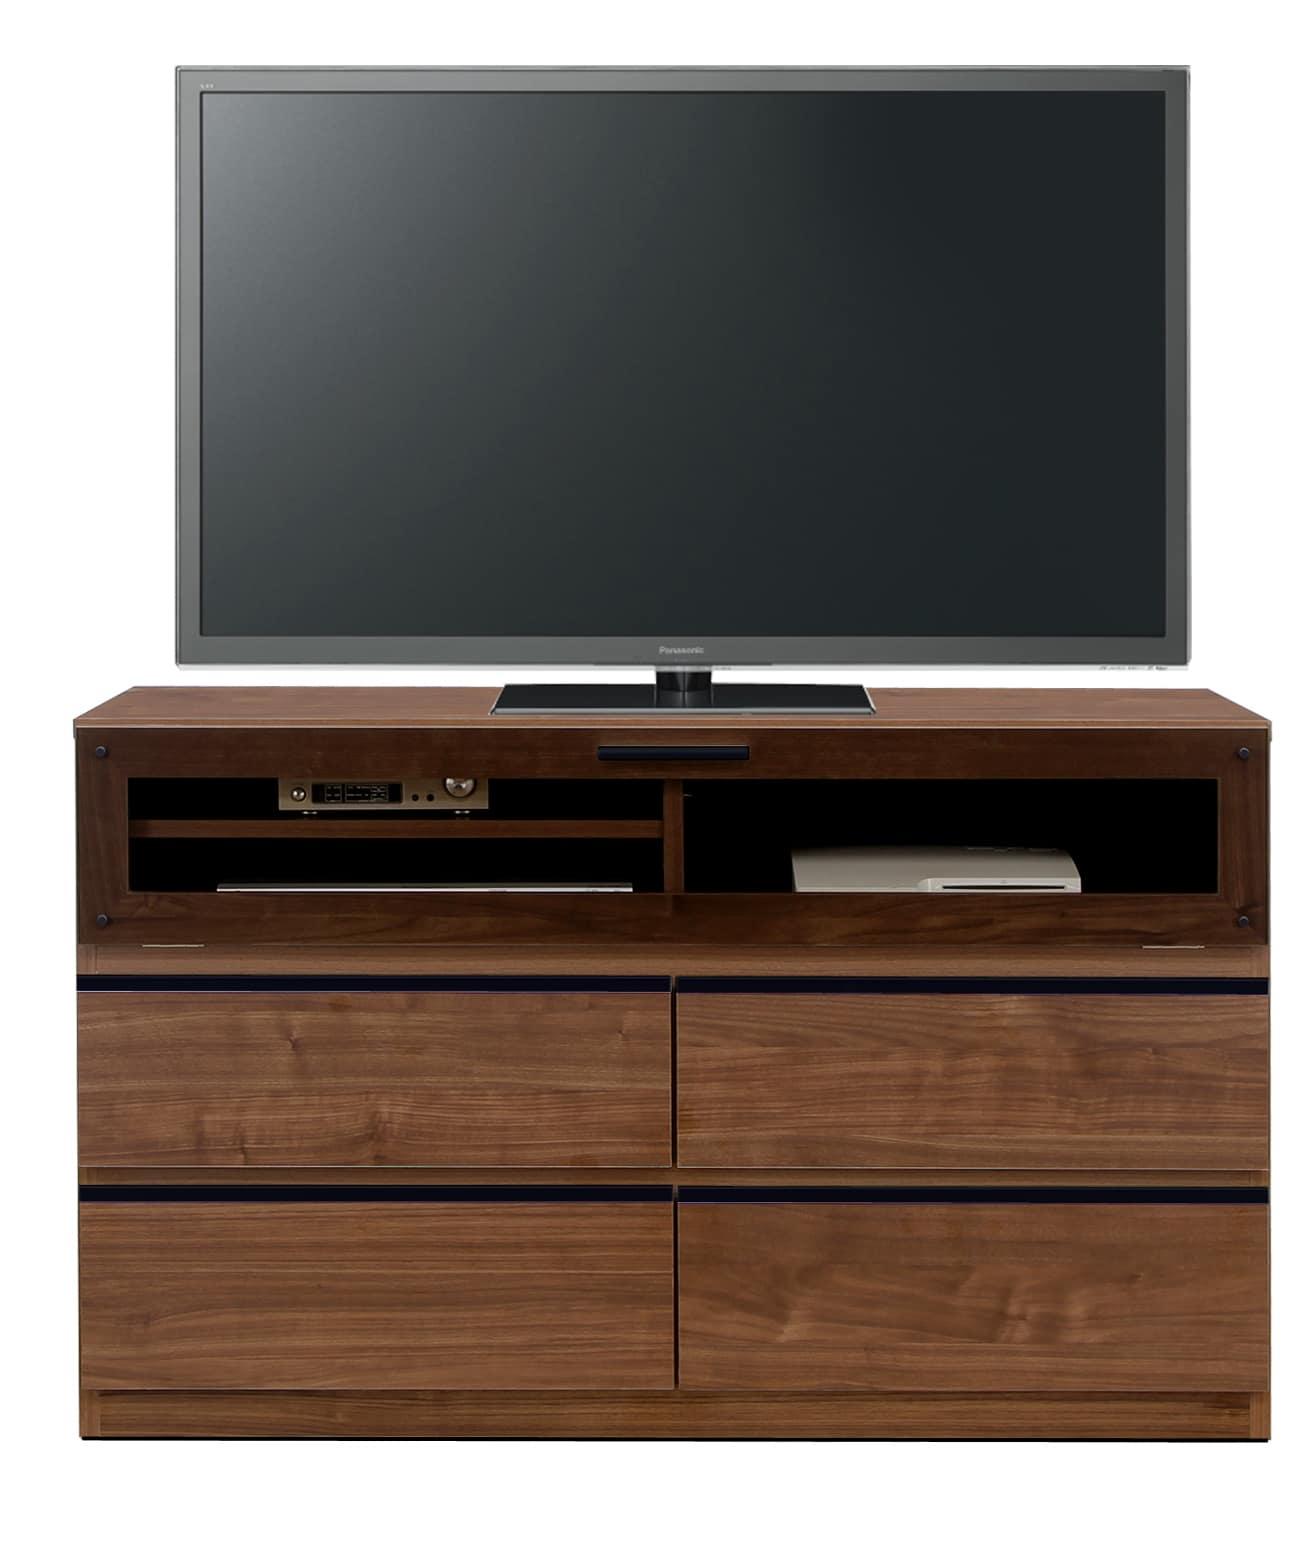 【ネット限定】LDボード リル120AV(BR):少し背の高いTVボード